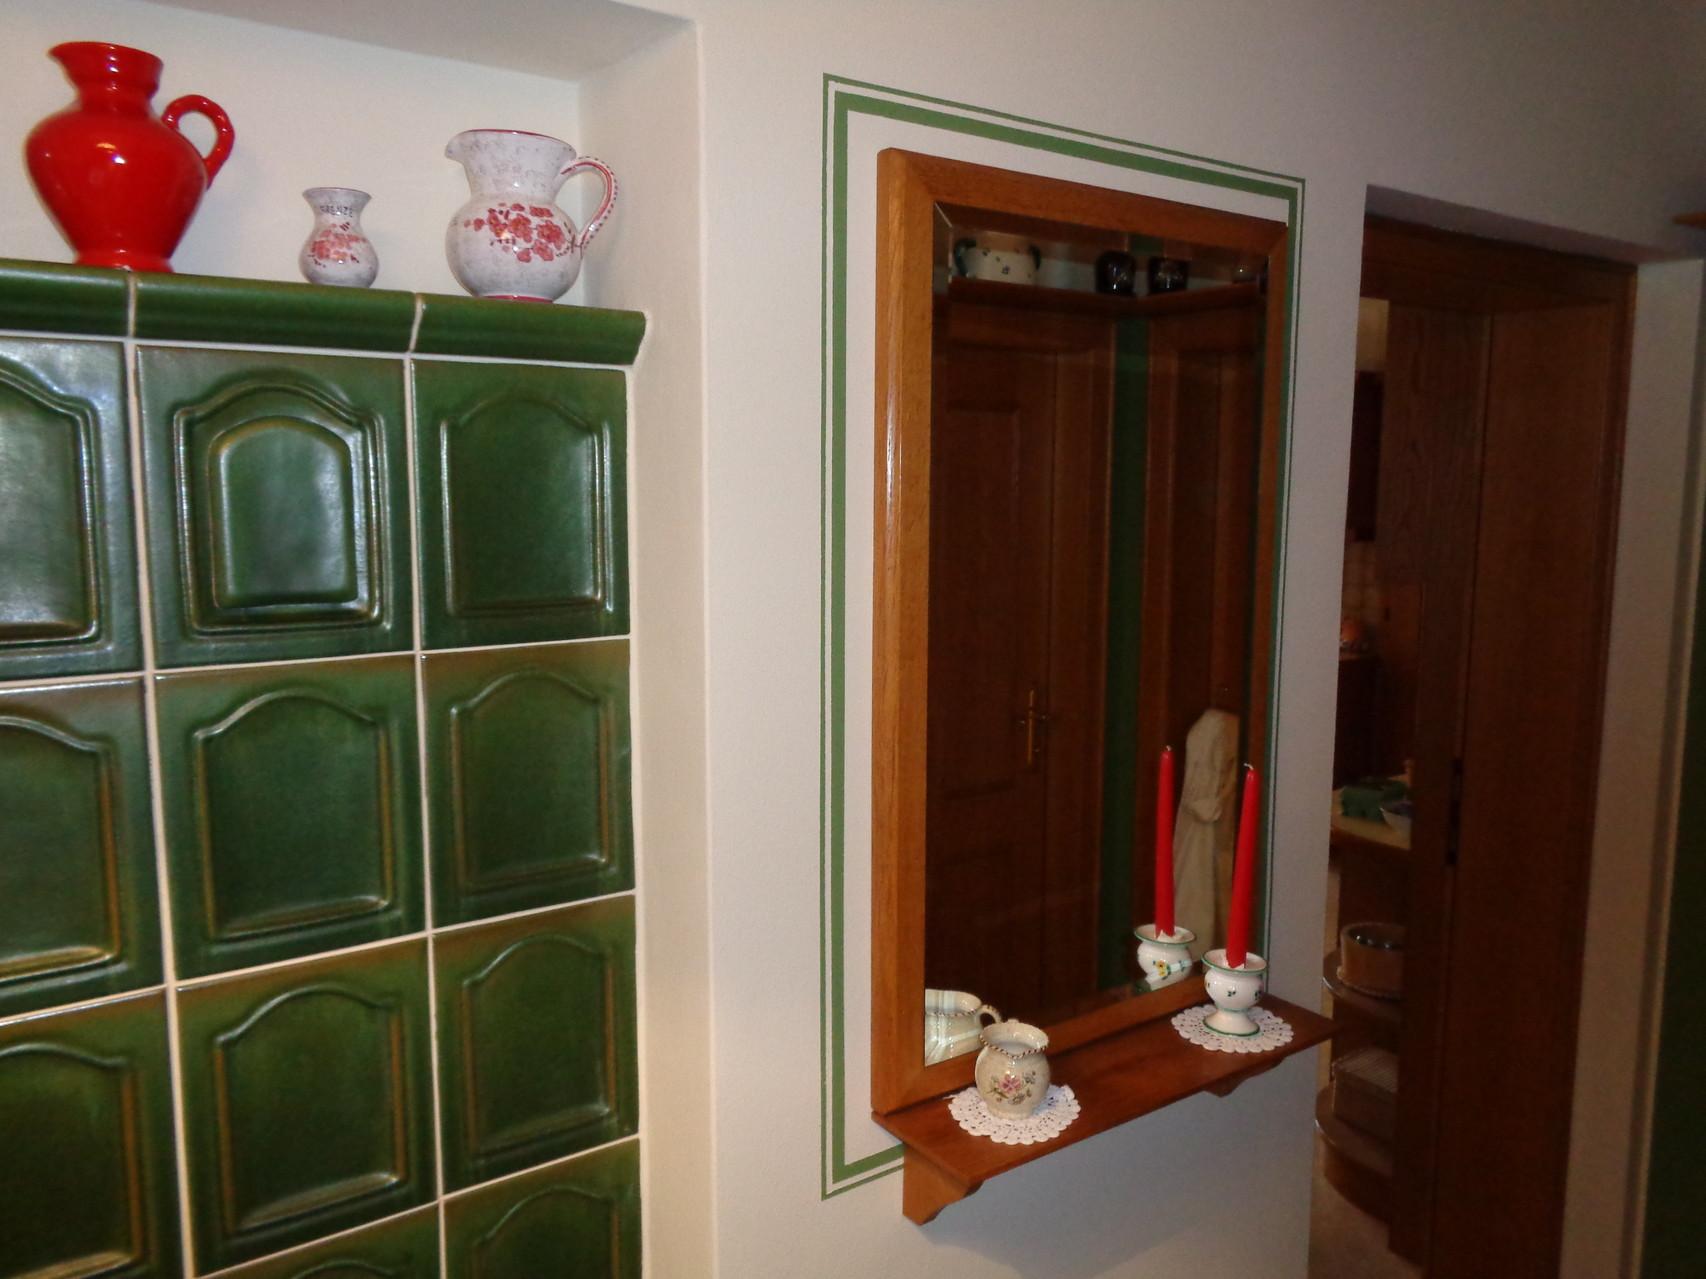 Umrahmung des Spiegels in den Farben des Kachelofens